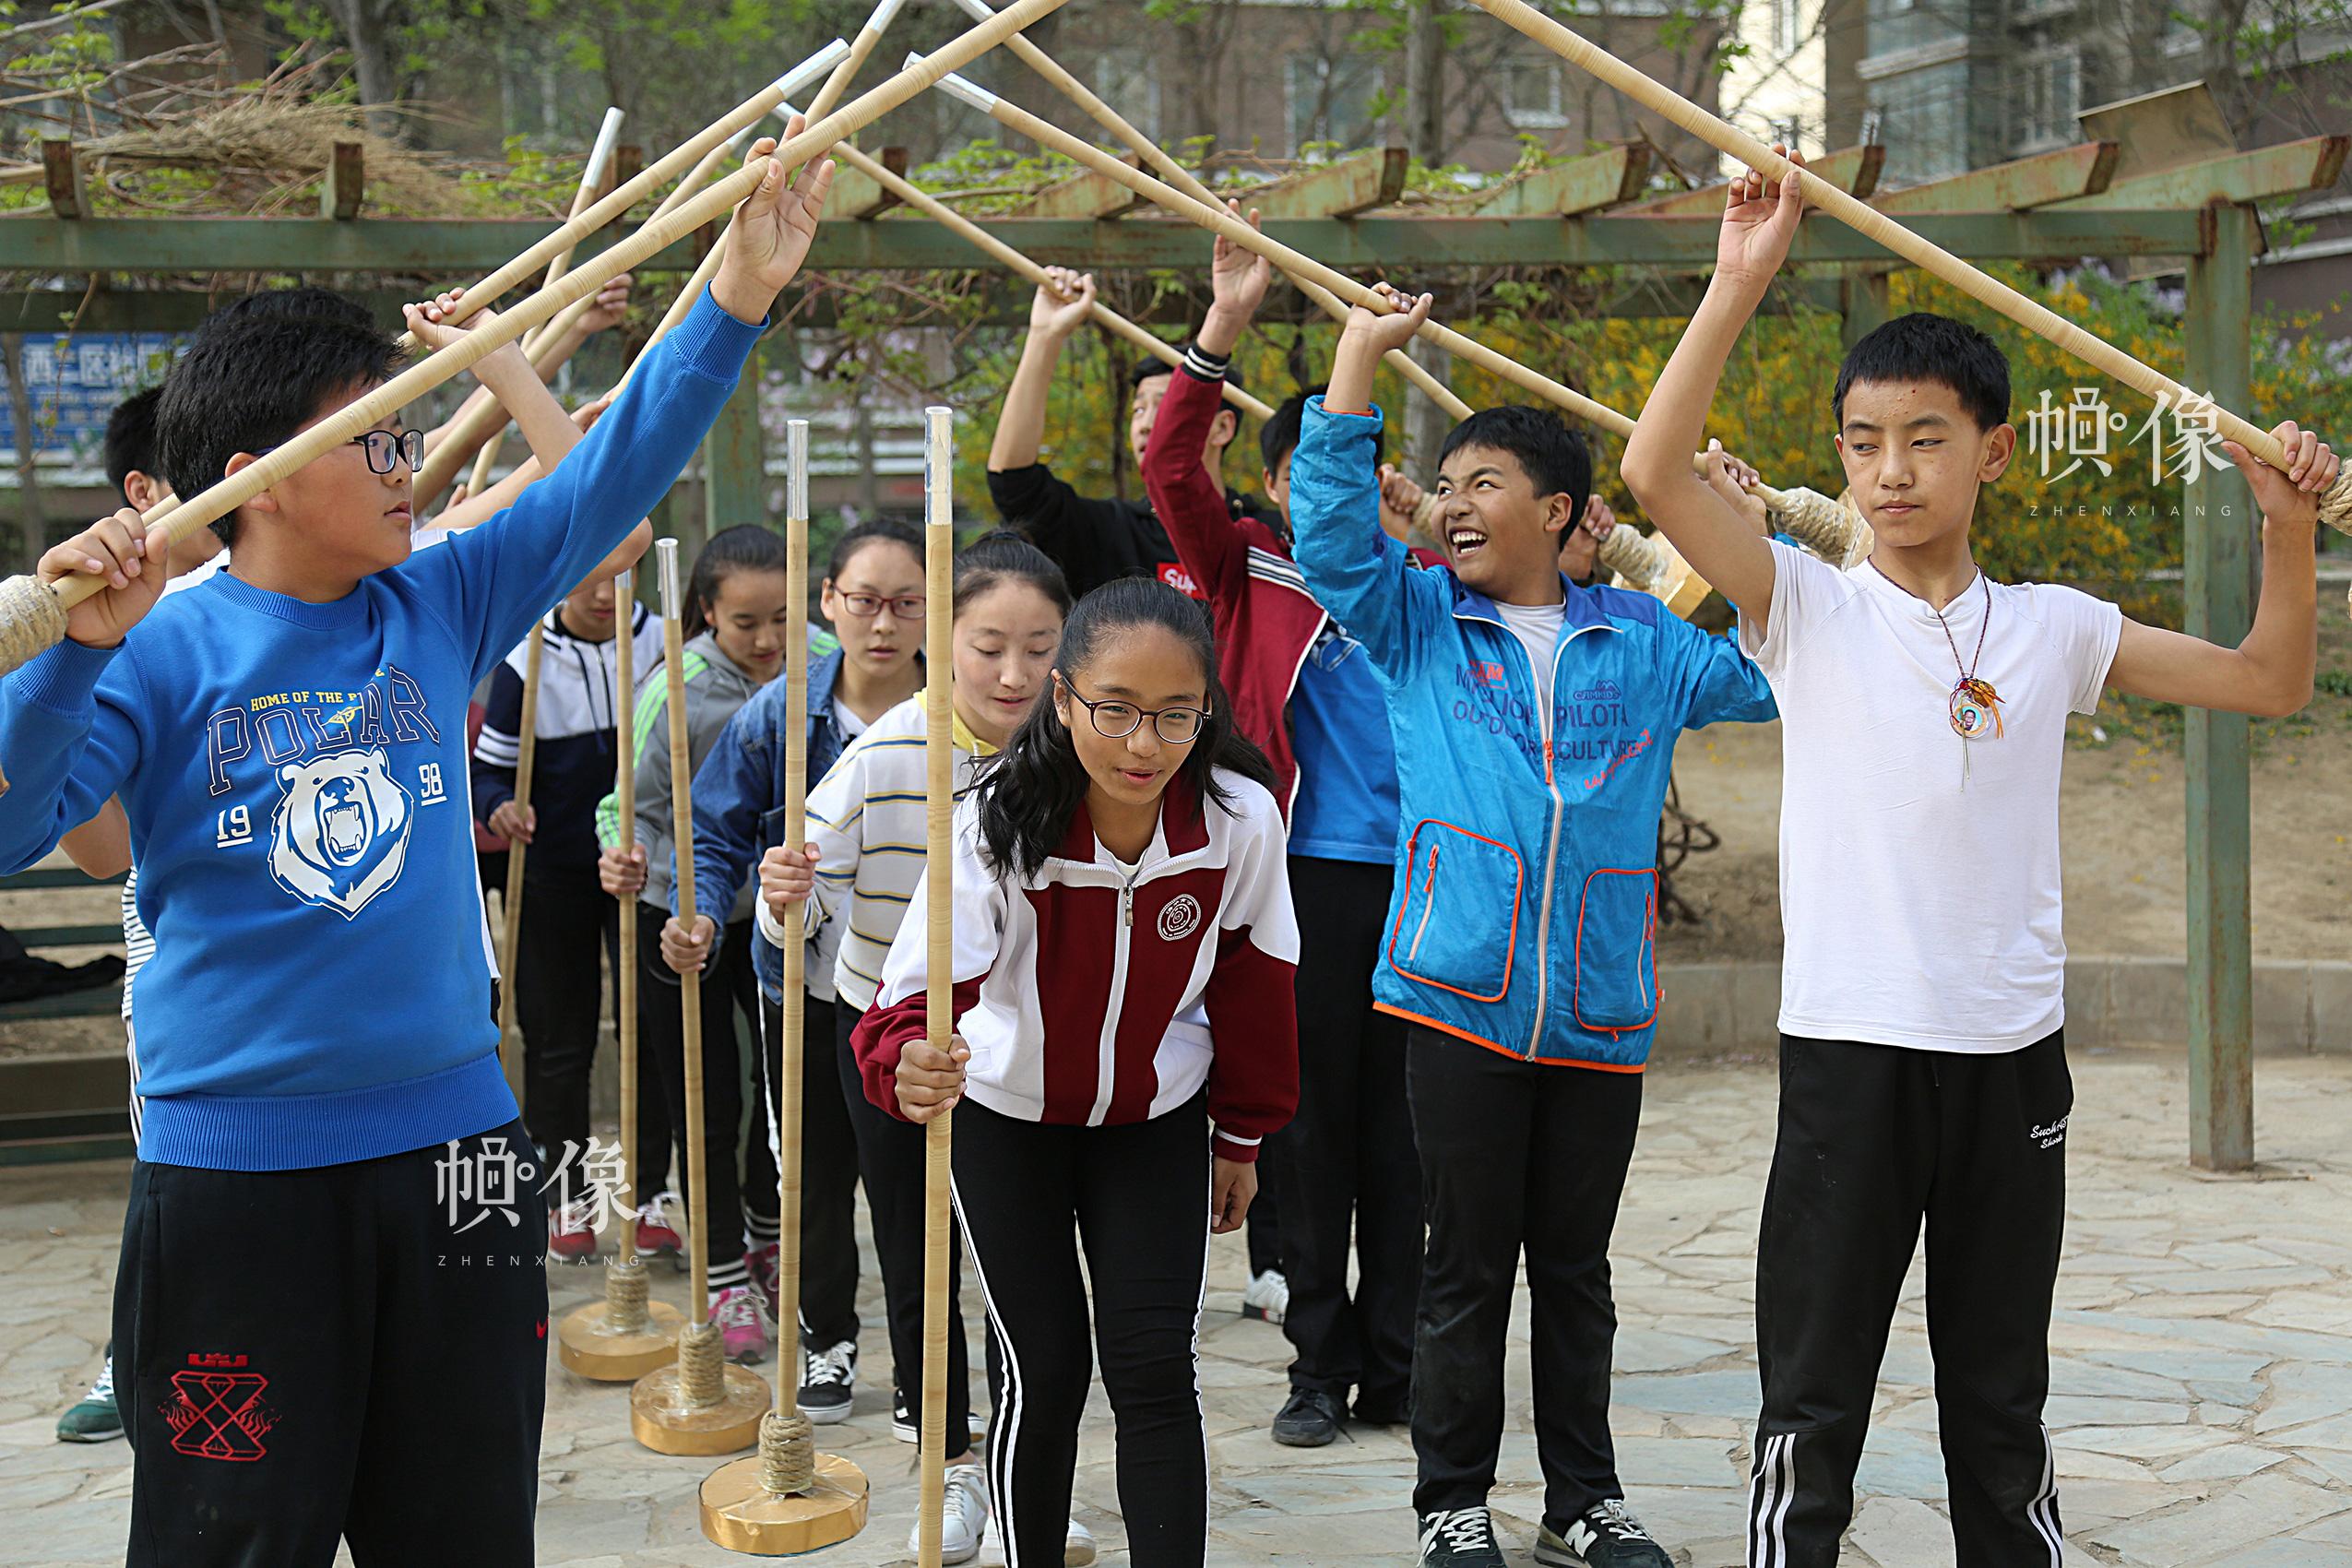 """2017年4月9日,学生们正在排练舞蹈打阿嘎。打阿嘎是一种藏族传统的屋顶或是屋内地面的修筑方法,利用当地特有的被称之为""""阿嘎土""""的泥土和碎石加上水混合后铺于地面或屋顶,再以人工反复夯打使地面、屋顶坚实、平滑、不渗漏水。打阿嘎时工人分成两队,边打边唱曲调悠扬的劳动号子,跟随着歌声的节奏手脚并用,上下整齐地夯打地面,场面壮观,是藏族的独特民俗之一。中国网记者 焦源源 摄"""